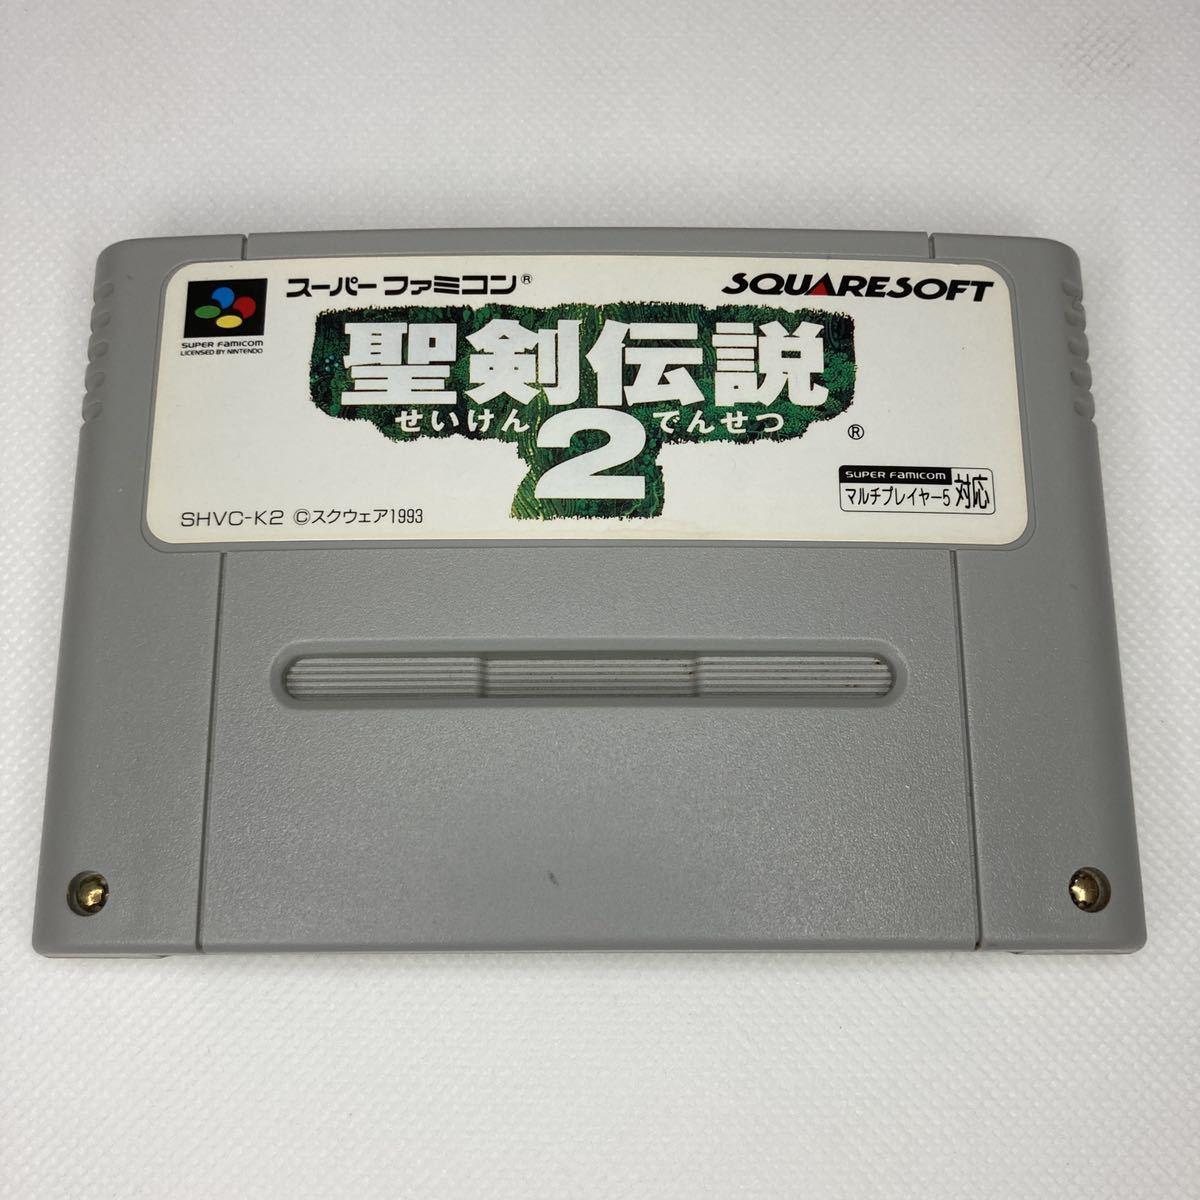 ★電池交換済み★ 起動確認 聖剣伝説2 スーパーファミコン ソフト スーファミ SFC Nintendo 聖剣伝説 聖剣 2